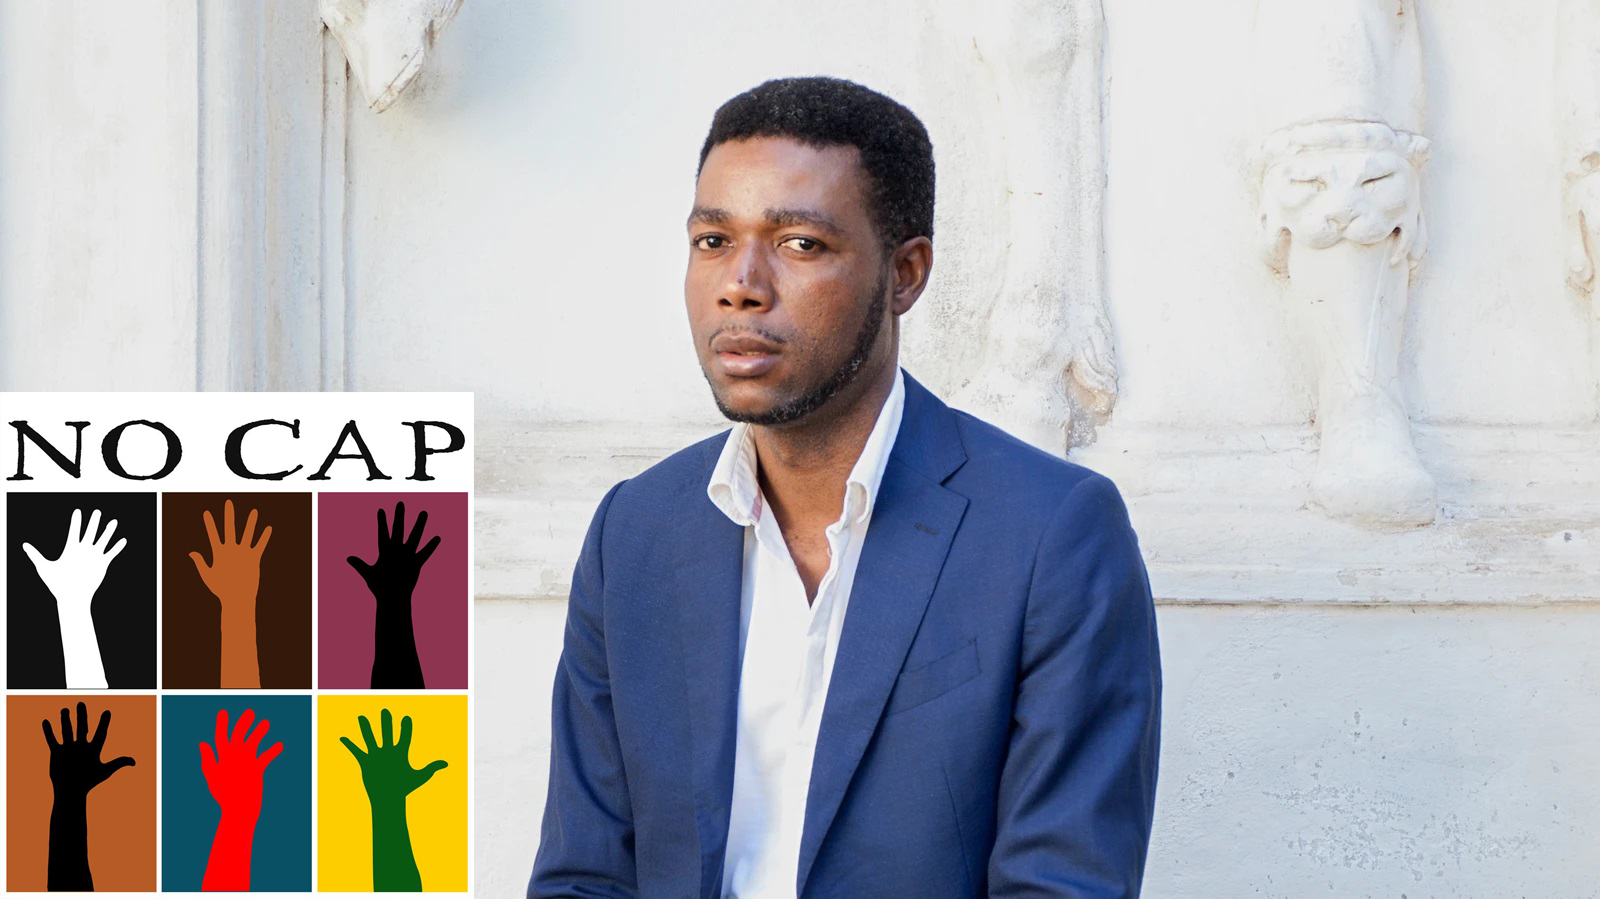 Yvan Sagnet, Menschenrechtsaktivist und Gründer von NoCap